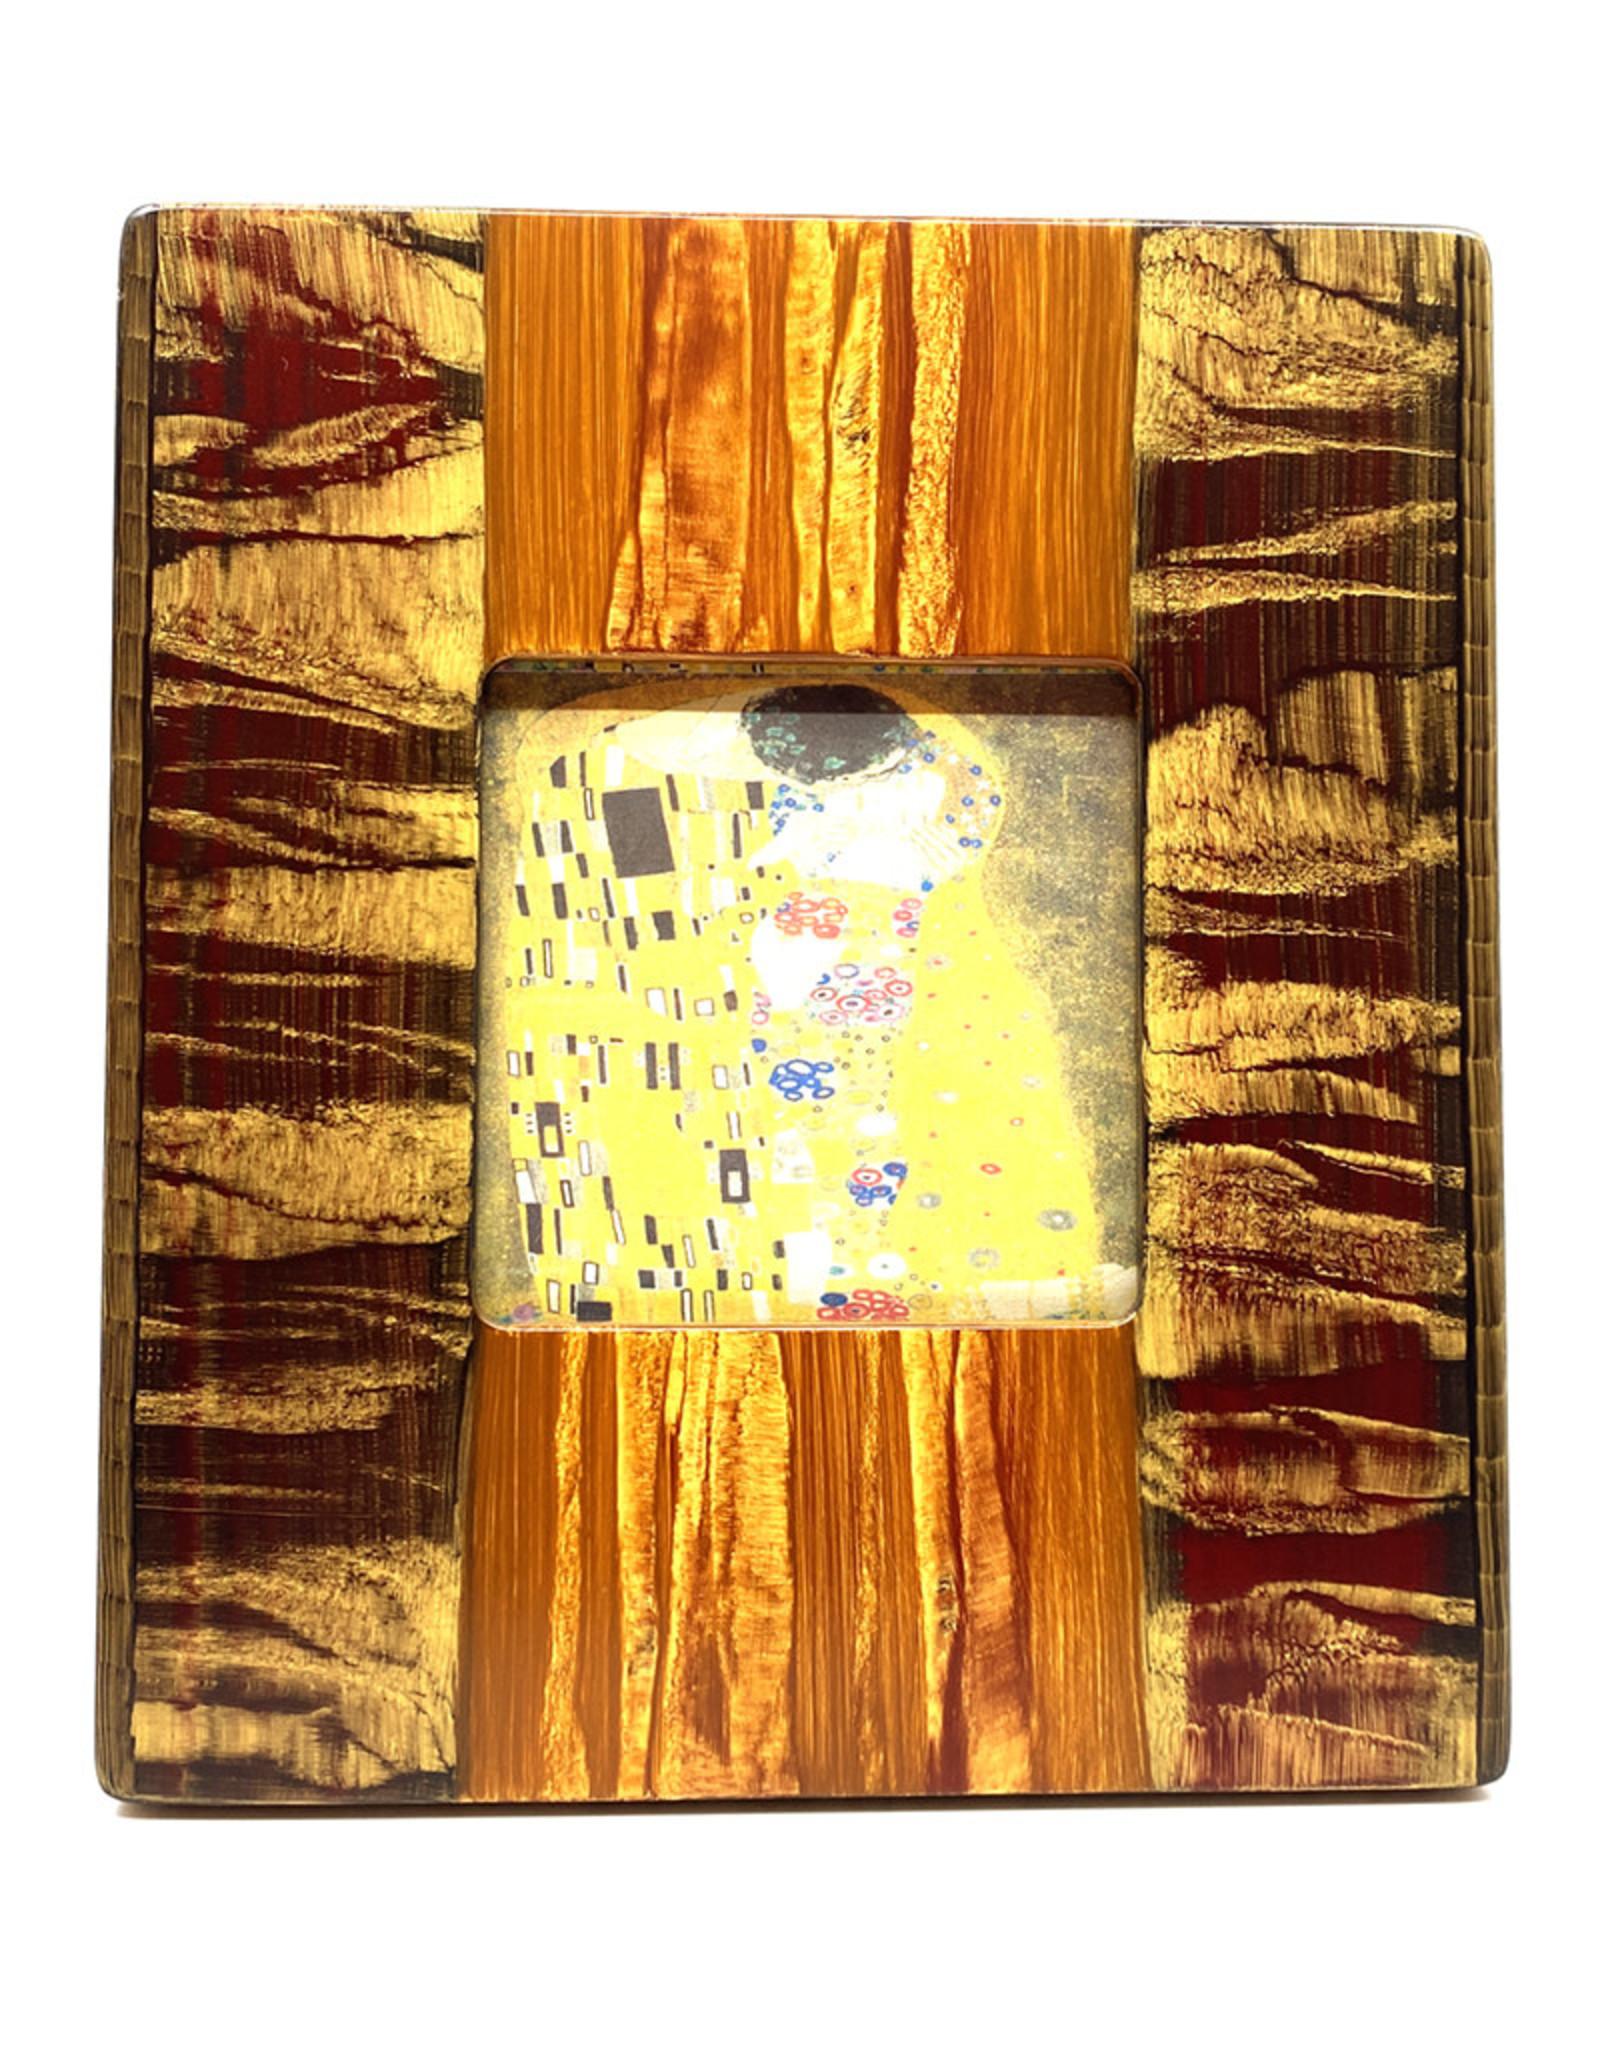 GRANT-NOREN 4X4 CORE PICTURE FRAME